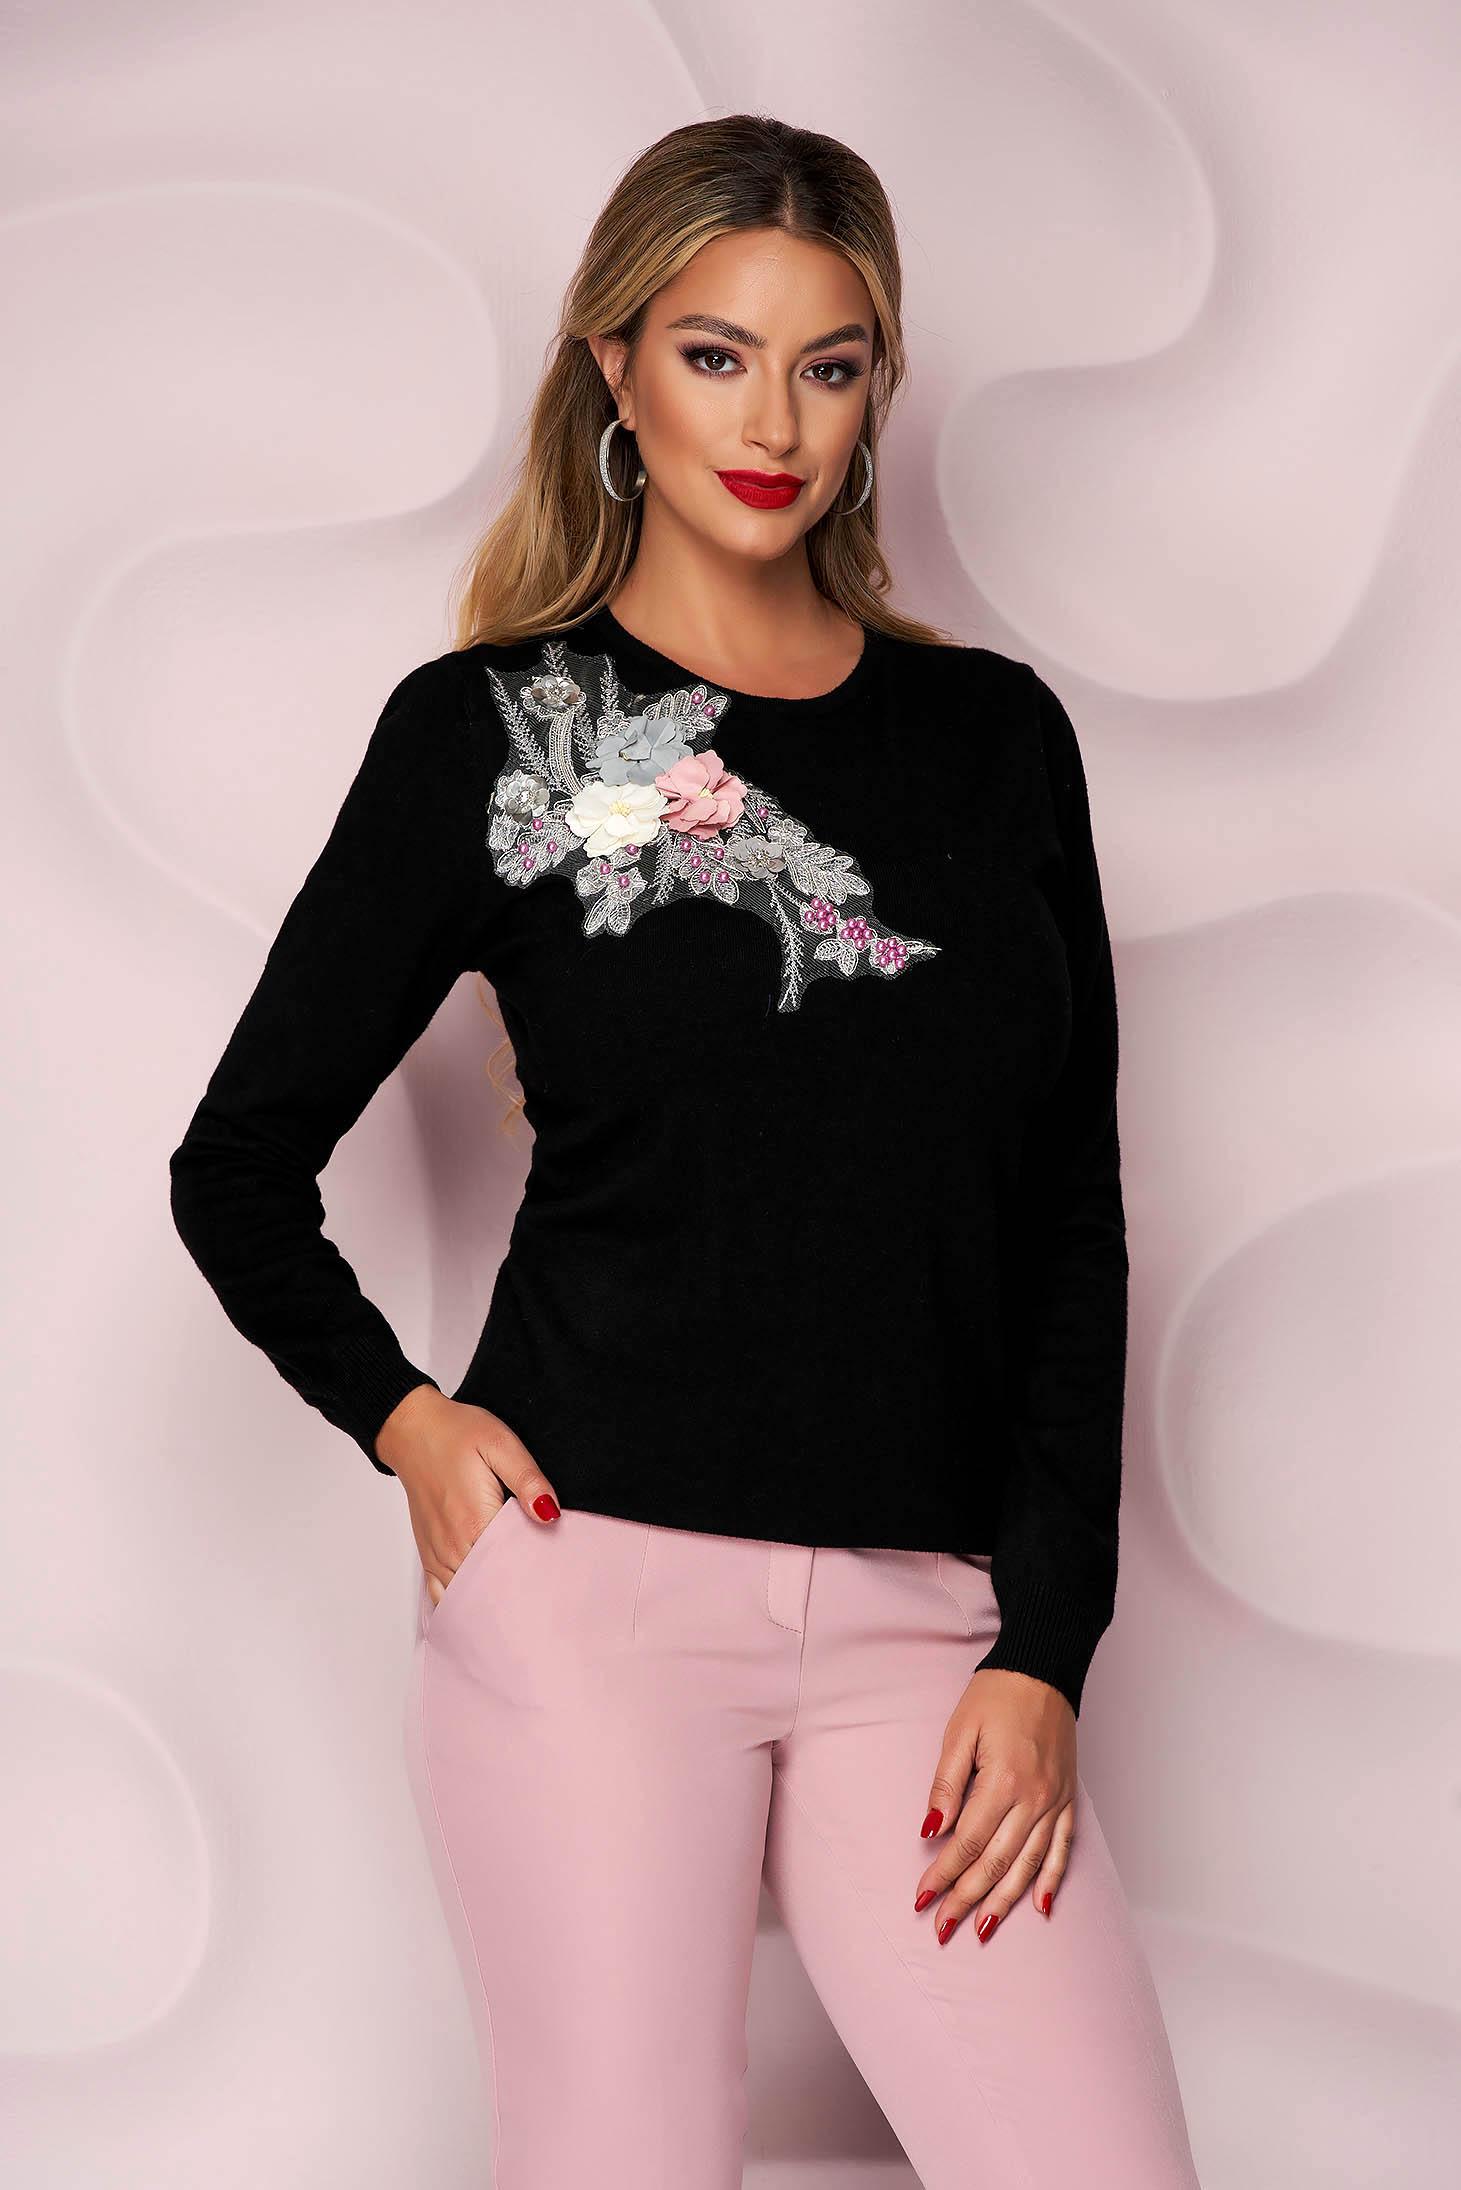 Pulover Lady Pandora negru tricotat cu croi larg cu flori in relief cu efect 3d